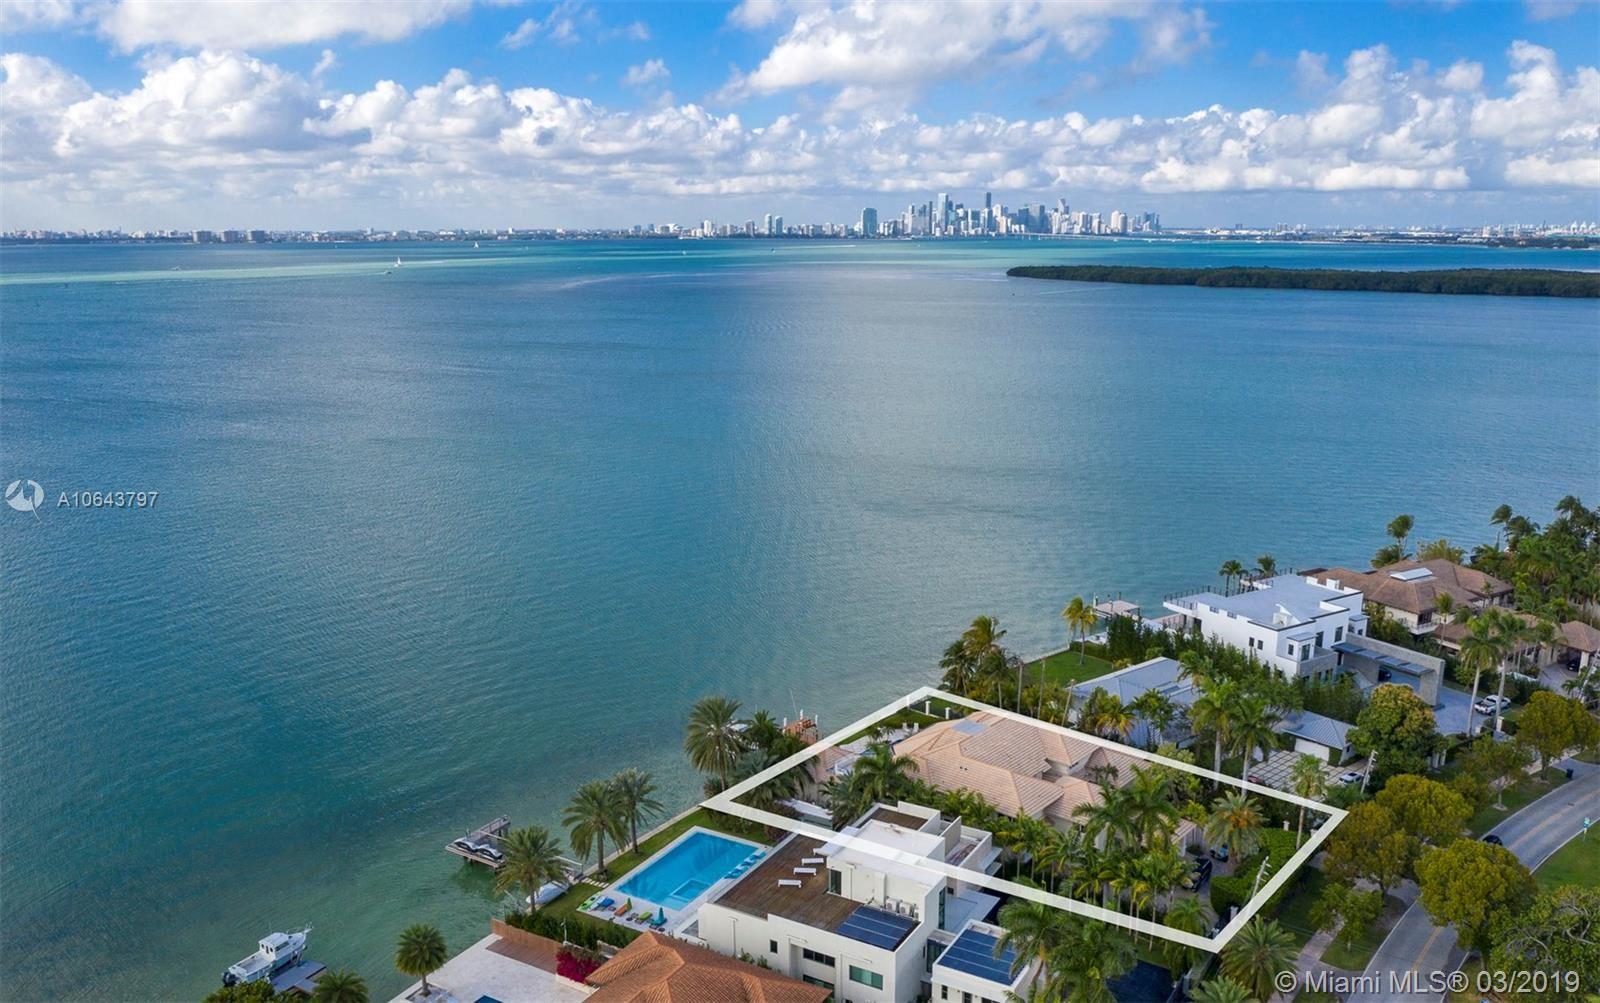 350 Harbor Dr, Key Biscayne, FL 33149 - #: A10643797